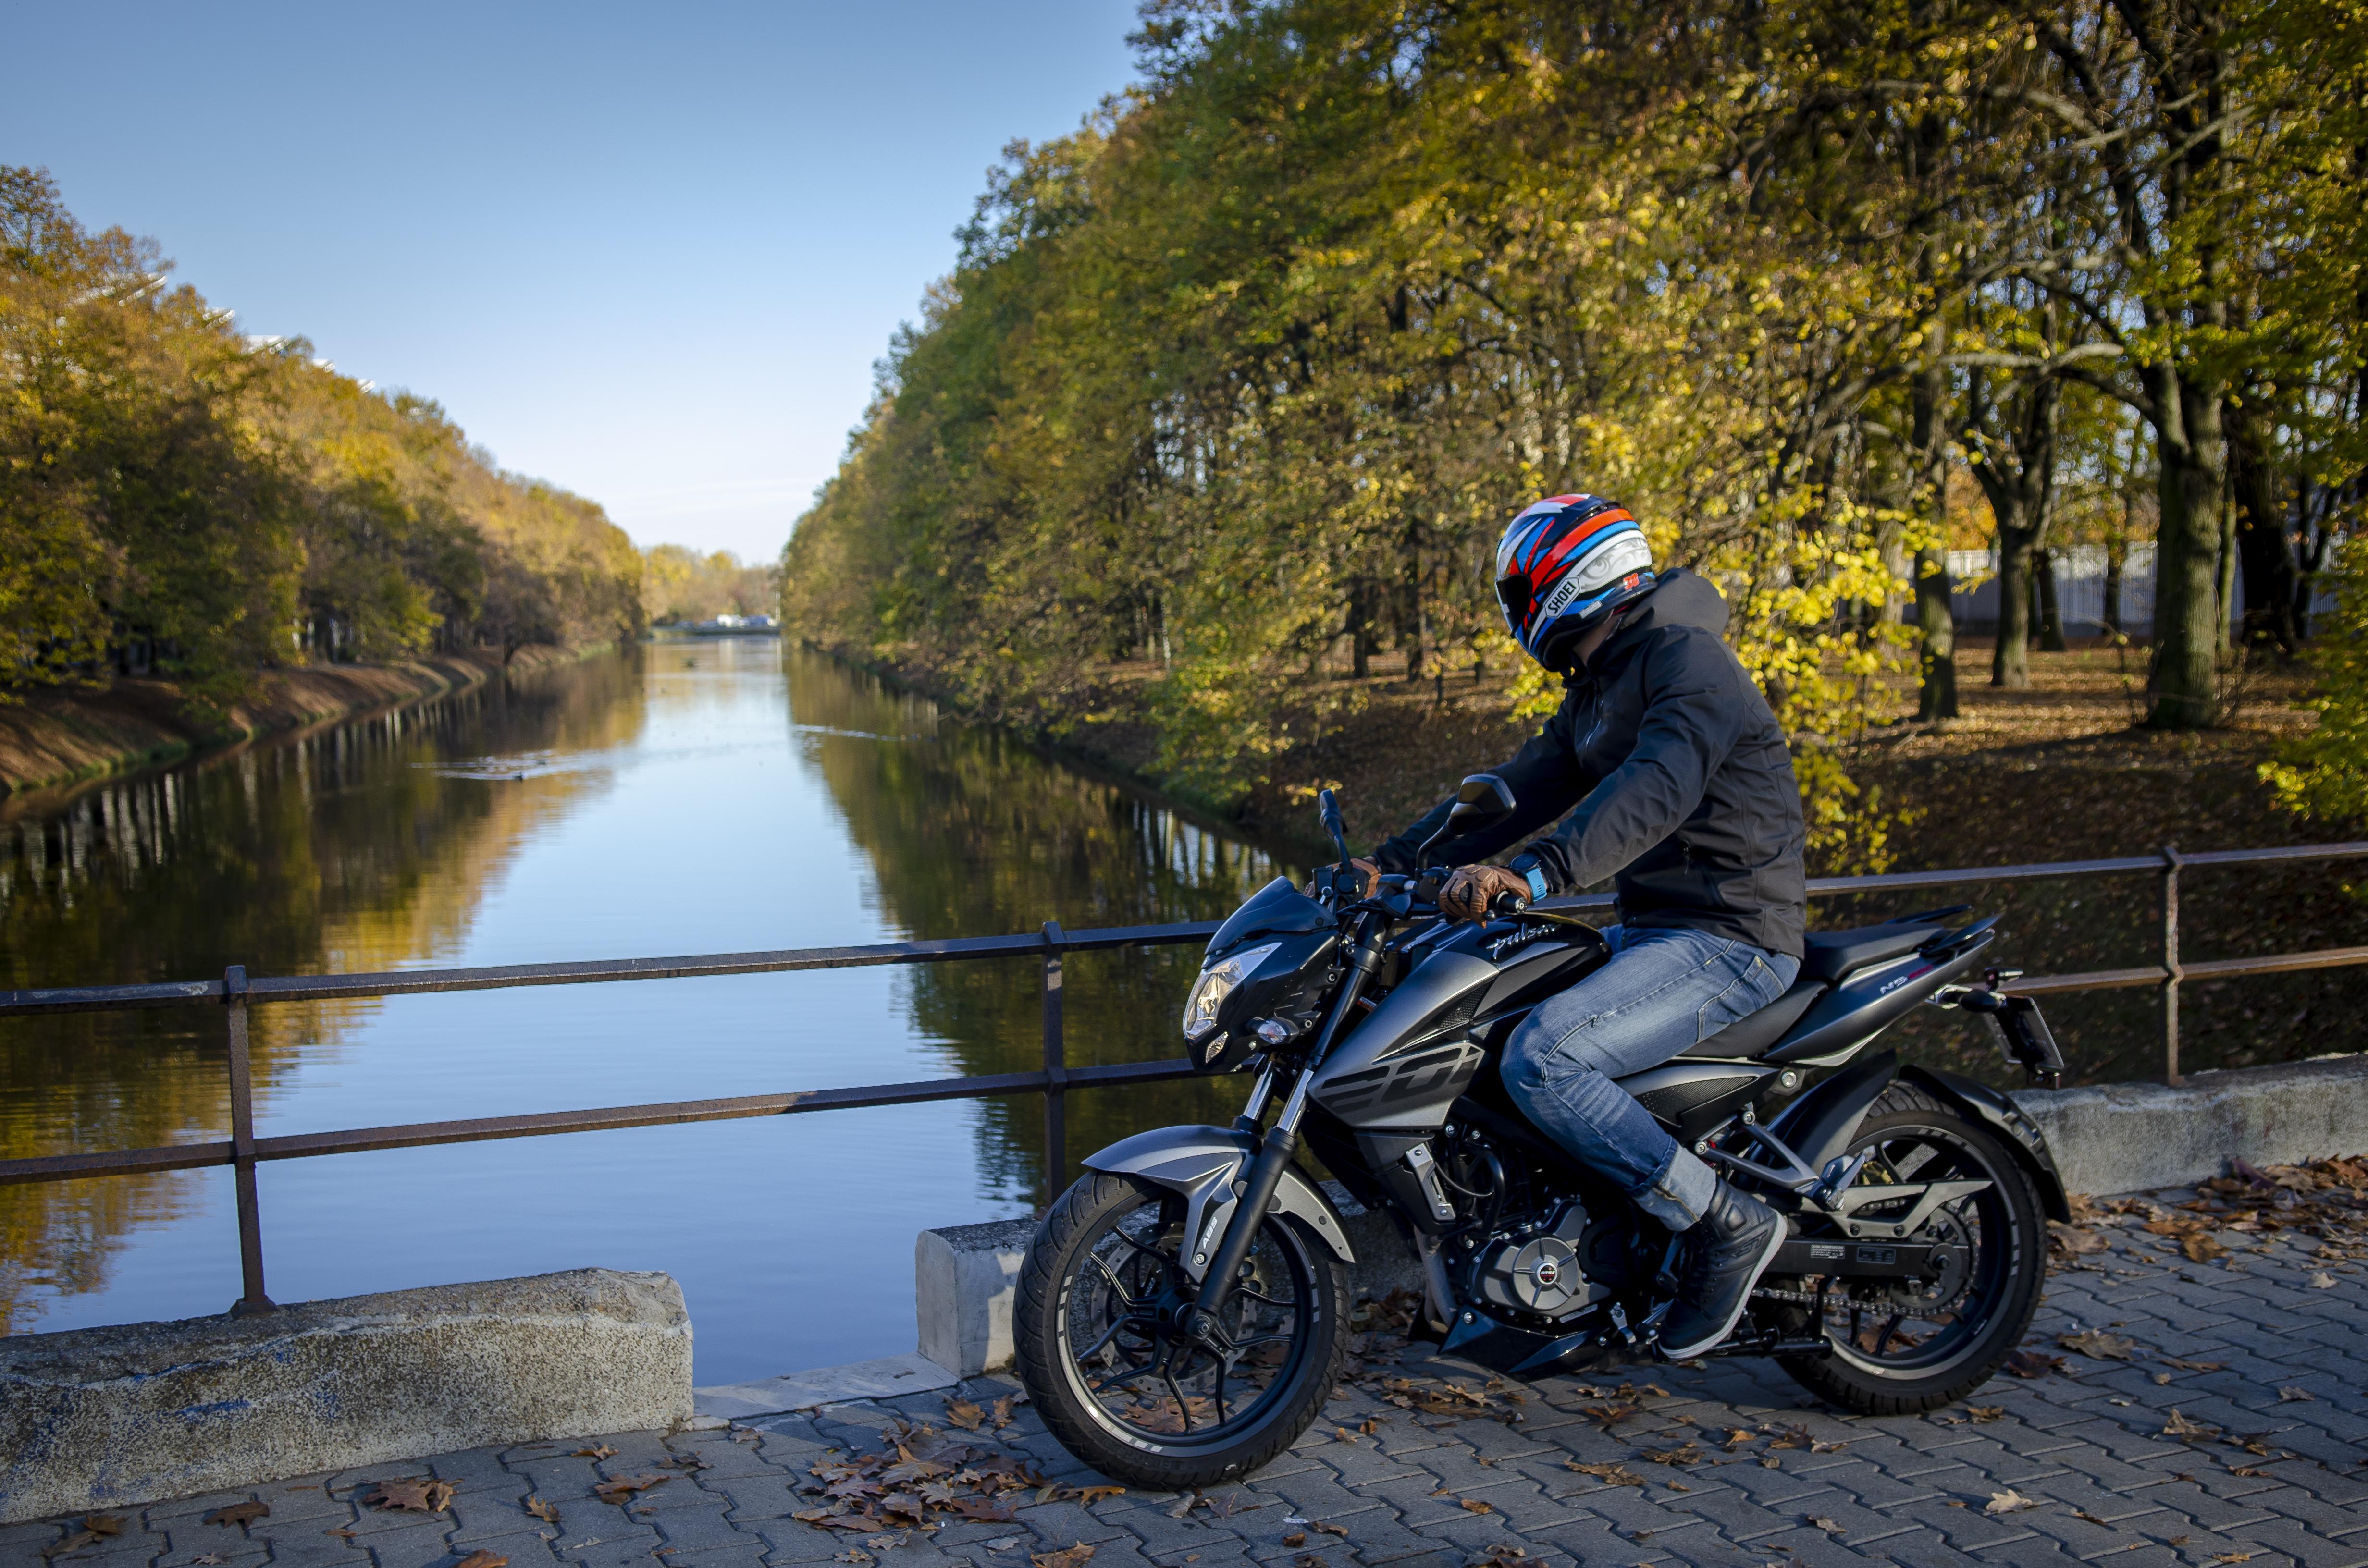 Przetestowane w najtrudniejszych warunkach. Motocykle Bajaj z rodziny Pulsar dostępne w polskiej sieci dealerskiej.